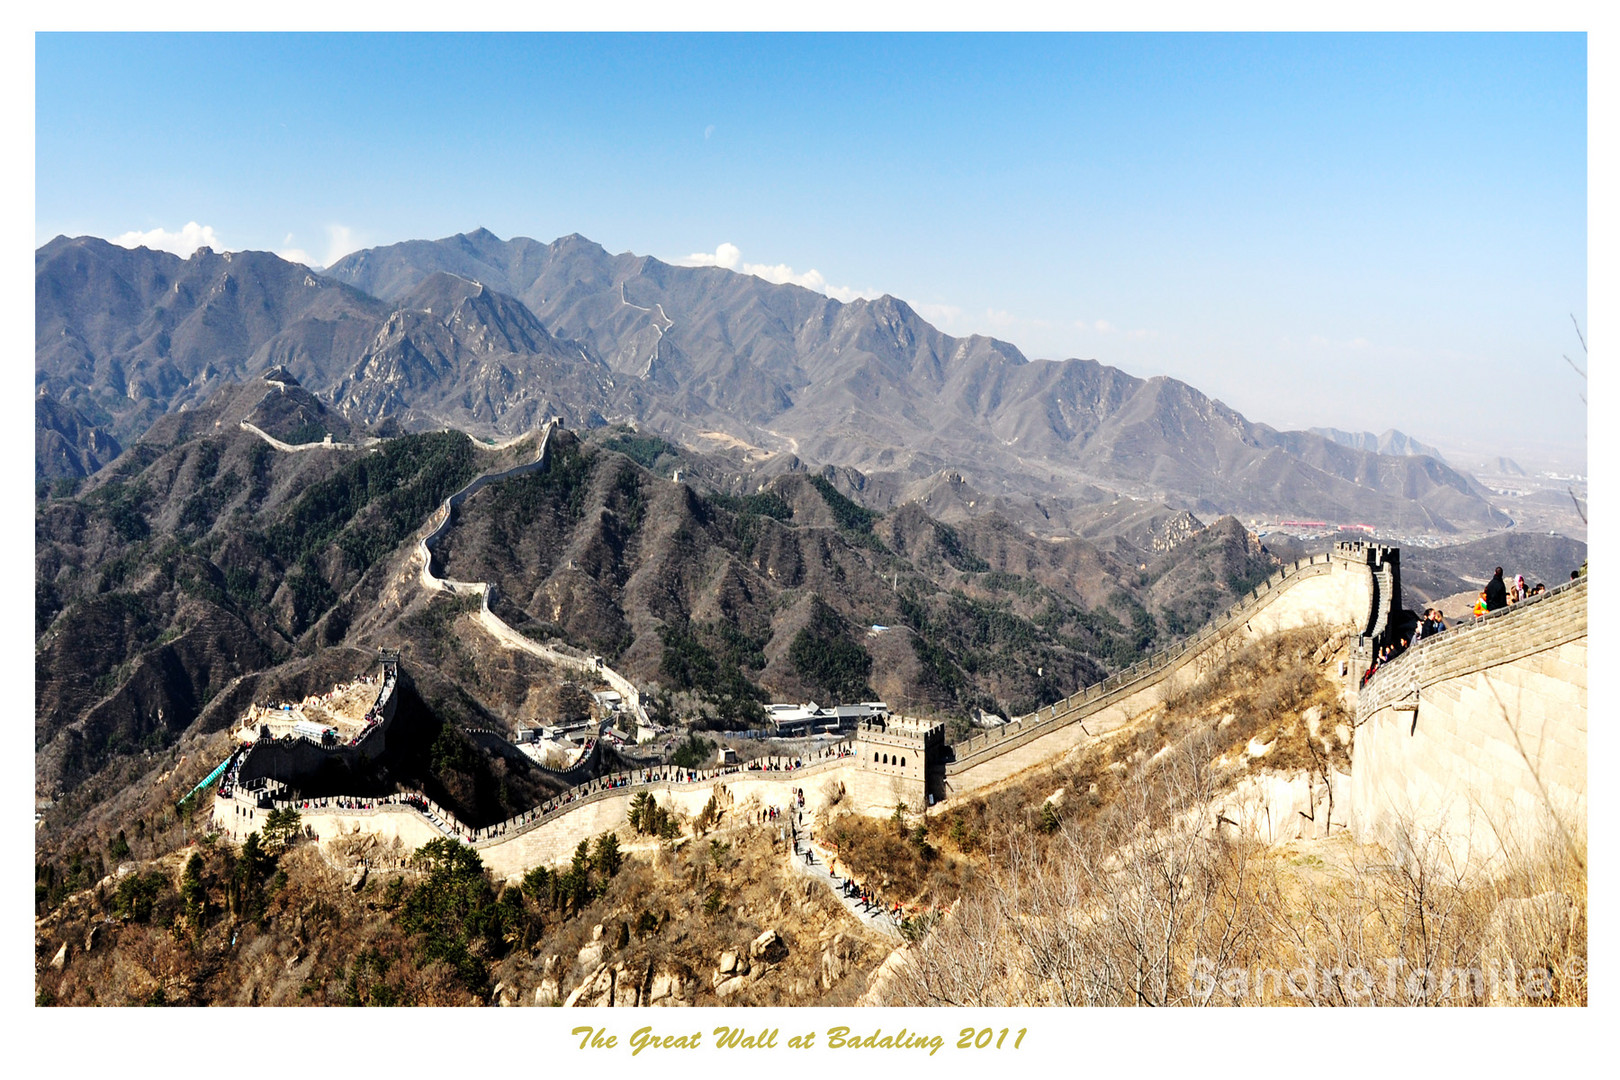 The Great Wall Badaling